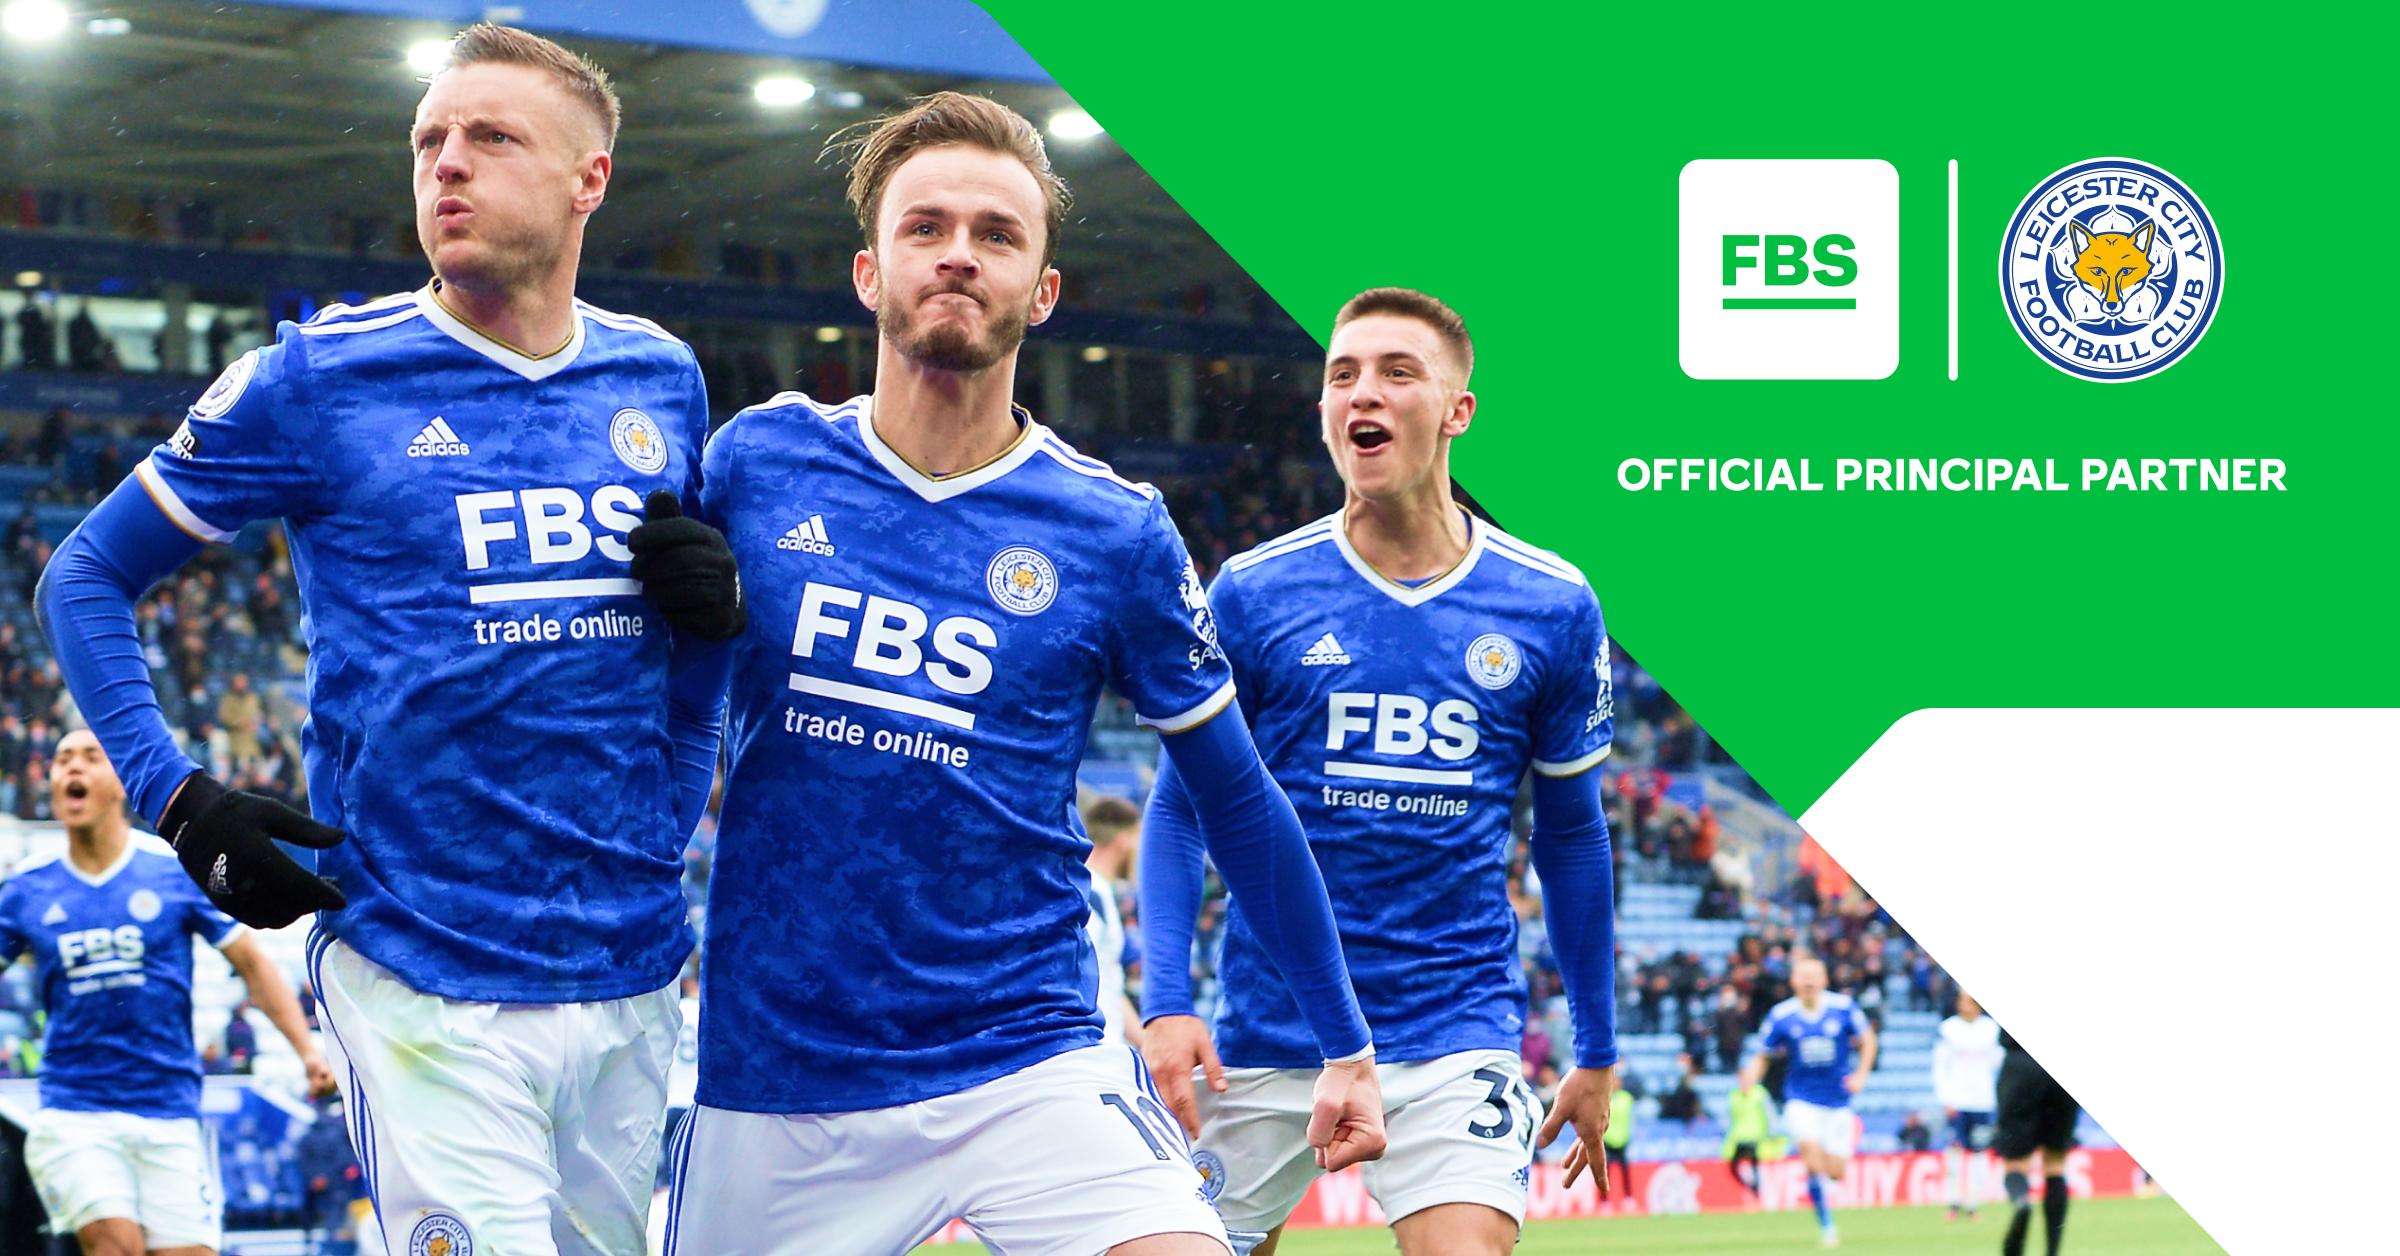 FBS Trở Thành Đối Tác Chính của CLB Leicester City